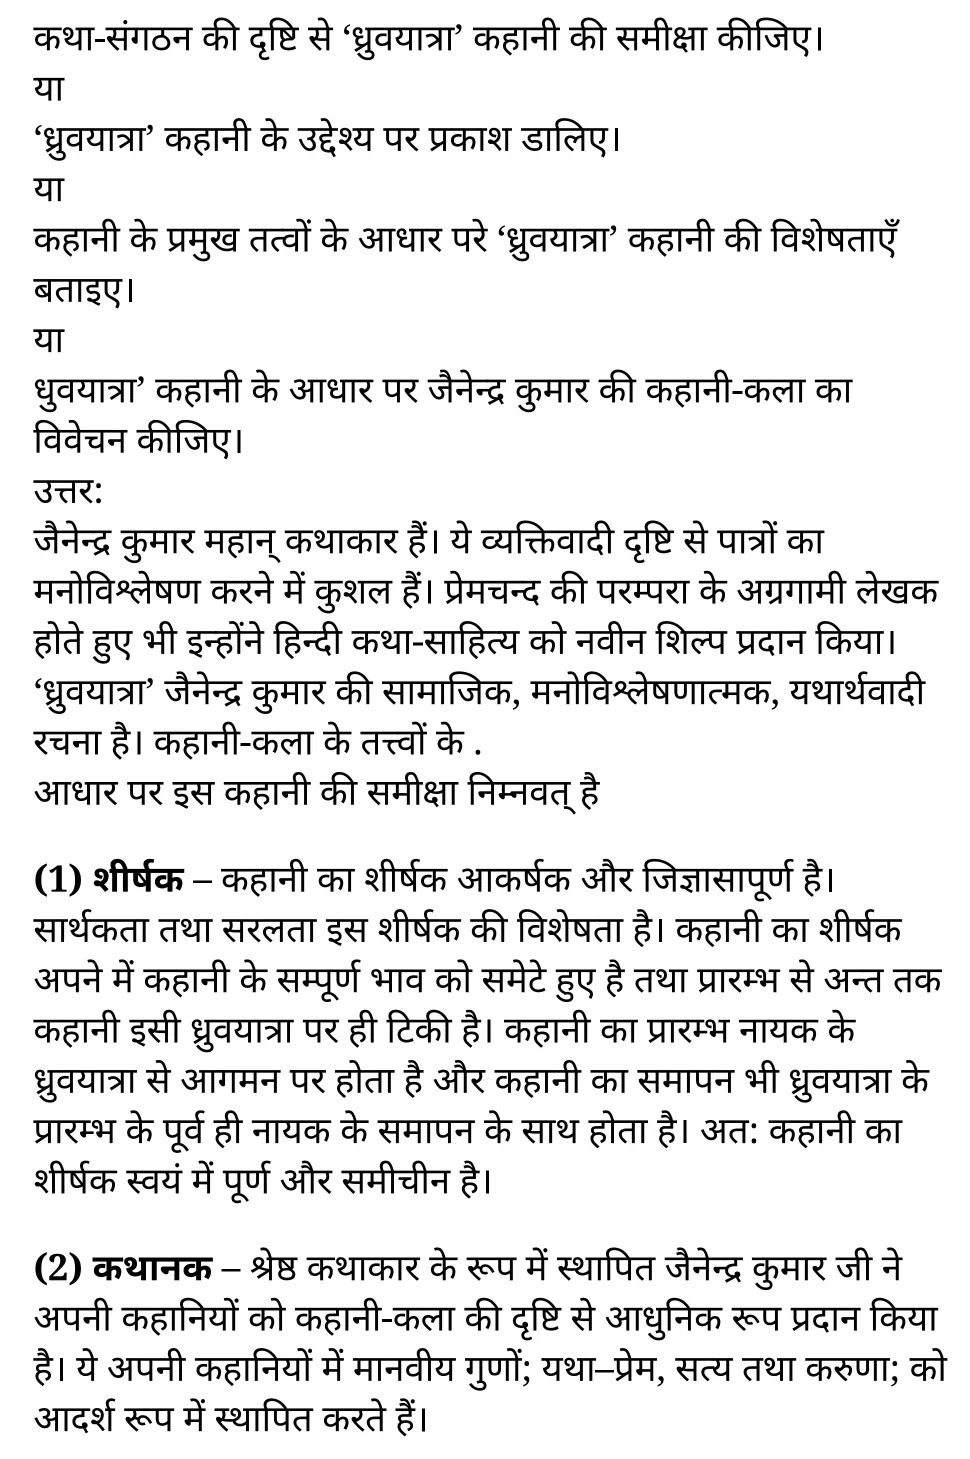 कक्षा 11 साहित्यिक हिंदी कथा-भारती अध्याय 5  के नोट्स साहित्यिक हिंदी में एनसीईआरटी समाधान,   class 11 sahityik hindi katha bharathi chapter 5,  class 11 sahityik hindi katha bharathi chapter 5 ncert solutions in sahityik hindi,  class 11 sahityik hindi katha bharathi chapter 5 notes in sahityik hindi,  class 11 sahityik hindi katha bharathi chapter 5 question answer,  class 11 sahityik hindi katha bharathi chapter 5 notes,  11   class katha bharathi chapter 5 katha bharathi chapter 5 in sahityik hindi,  class 11 sahityik hindi katha bharathi chapter 5 in sahityik hindi,  class 11 sahityik hindi katha bharathi chapter 5 important questions in sahityik hindi,  class 11 sahityik hindi  chapter 5 notes in sahityik hindi,  class 11 sahityik hindi katha bharathi chapter 5 test,  class 11 sahityik hindi  chapter 1katha bharathi chapter 5 pdf,  class 11 sahityik hindi katha bharathi chapter 5 notes pdf,  class 11 sahityik hindi katha bharathi chapter 5 exercise solutions,  class 11 sahityik hindi katha bharathi chapter 5, class 11 sahityik hindi katha bharathi chapter 5 notes study rankers,  class 11 sahityik hindi katha bharathi chapter 5 notes,  class 11 sahityik hindi  chapter 5 notes,   katha bharathi chapter 5  class 11  notes pdf,  katha bharathi chapter 5 class 11  notes  ncert,   katha bharathi chapter 5 class 11 pdf,    katha bharathi chapter 5  book,     katha bharathi chapter 5 quiz class 11  ,       11  th katha bharathi chapter 5    book up board,       up board 11  th katha bharathi chapter 5 notes,  कक्षा 11 साहित्यिक हिंदी कथा-भारती अध्याय 5 , कक्षा 11 साहित्यिक हिंदी का कथा-भारती, कक्षा 11 साहित्यिक हिंदी के कथा-भारती अध्याय 5  के नोट्स साहित्यिक हिंदी में, कक्षा 11 का साहित्यिक हिंदीकथा-भारती अध्याय 5 का प्रश्न उत्तर, कक्षा 11 साहित्यिक हिंदी कथा-भारती अध्याय 5 के नोट्स, 11 कक्षा साहित्यिक हिंदी कथा-भारती अध्याय 5   साहित्यिक हिंदी में,कक्षा 11 साहित्यिक हिंदी कथा-भारती अध्याय 5  साहित्यिक हिंदी में, कक्षा 11 साहित्यिक हिंदी कथा-भारती अध्याय 5  महत्वपूर्ण